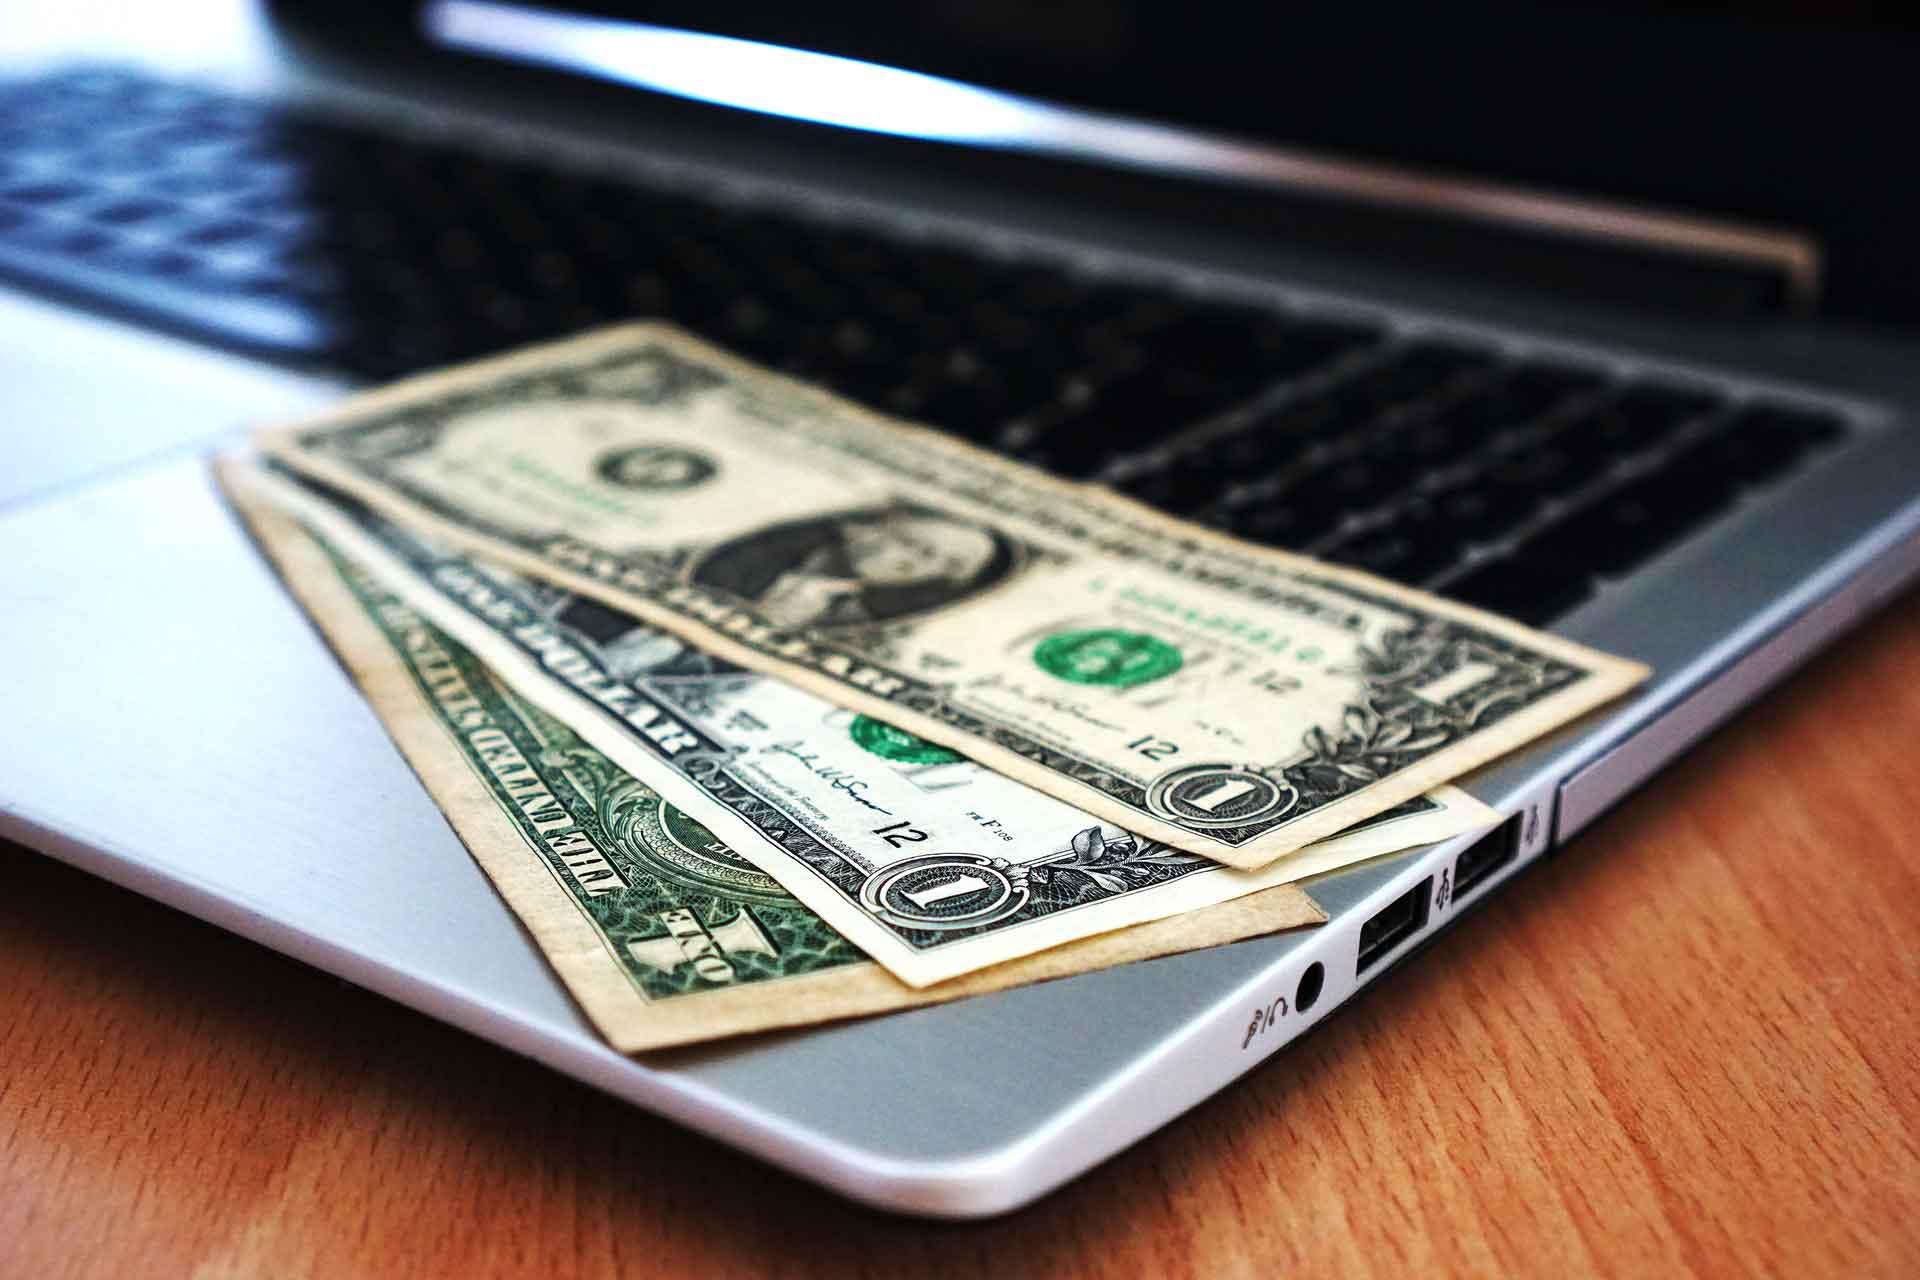 milliomosok akik pénzt kerestek online